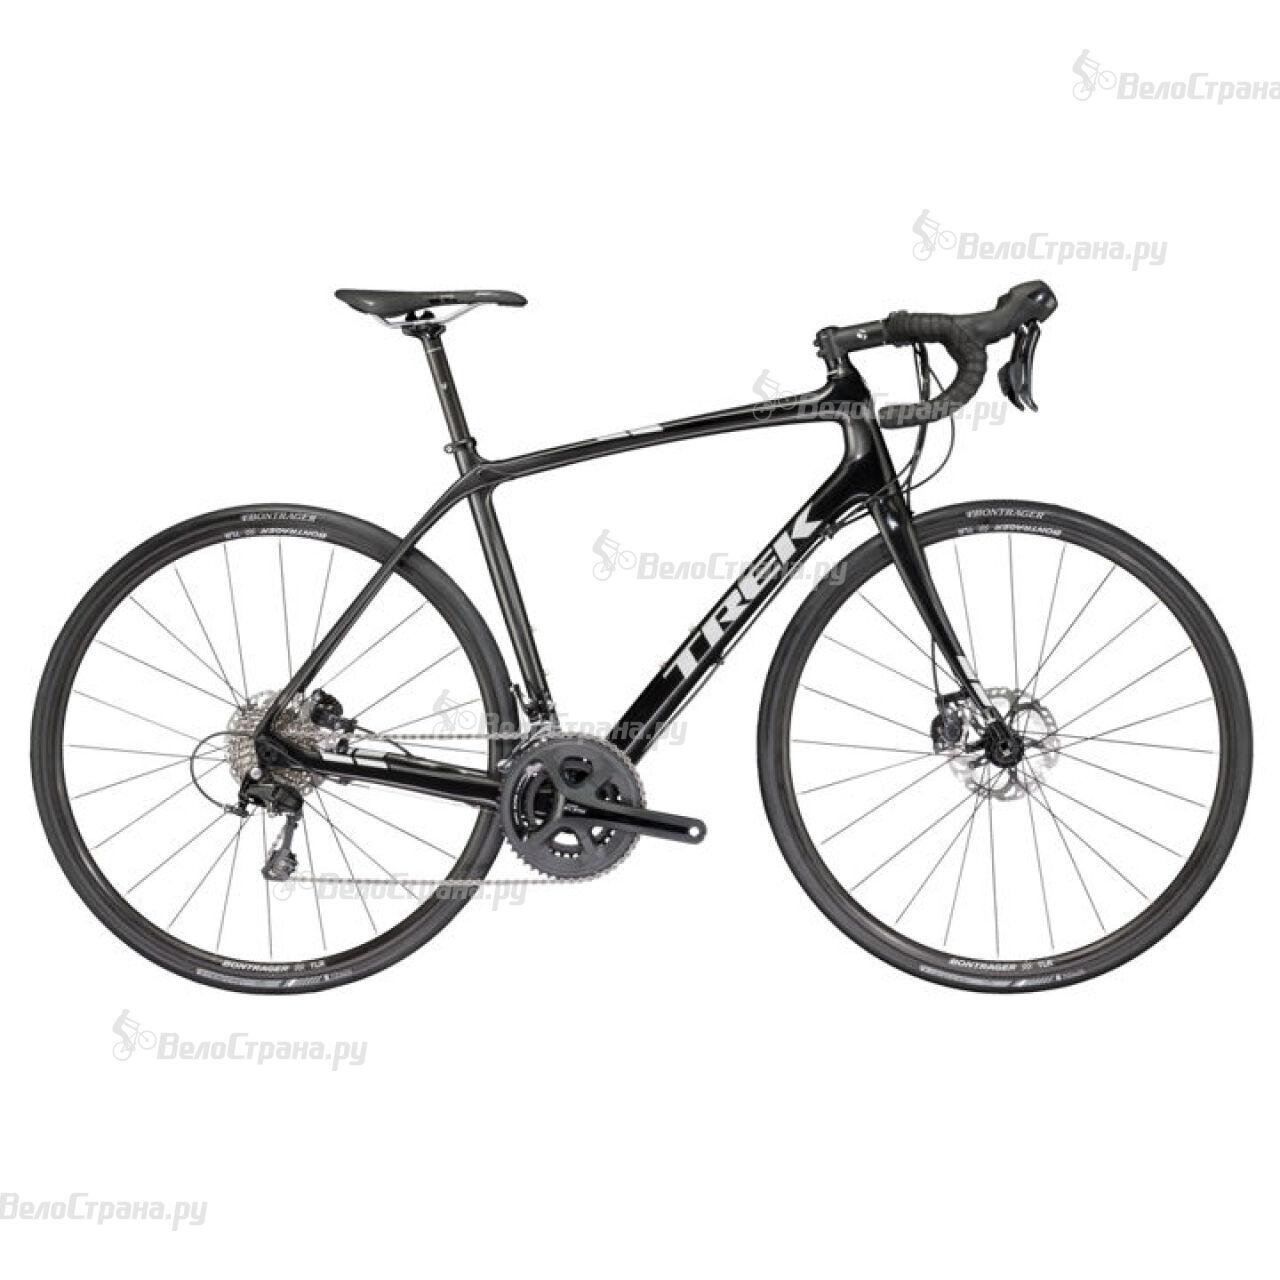 Велосипед Trek Domane S 5 Disc (2017) велосипед trek domane alr 4 disc 2017